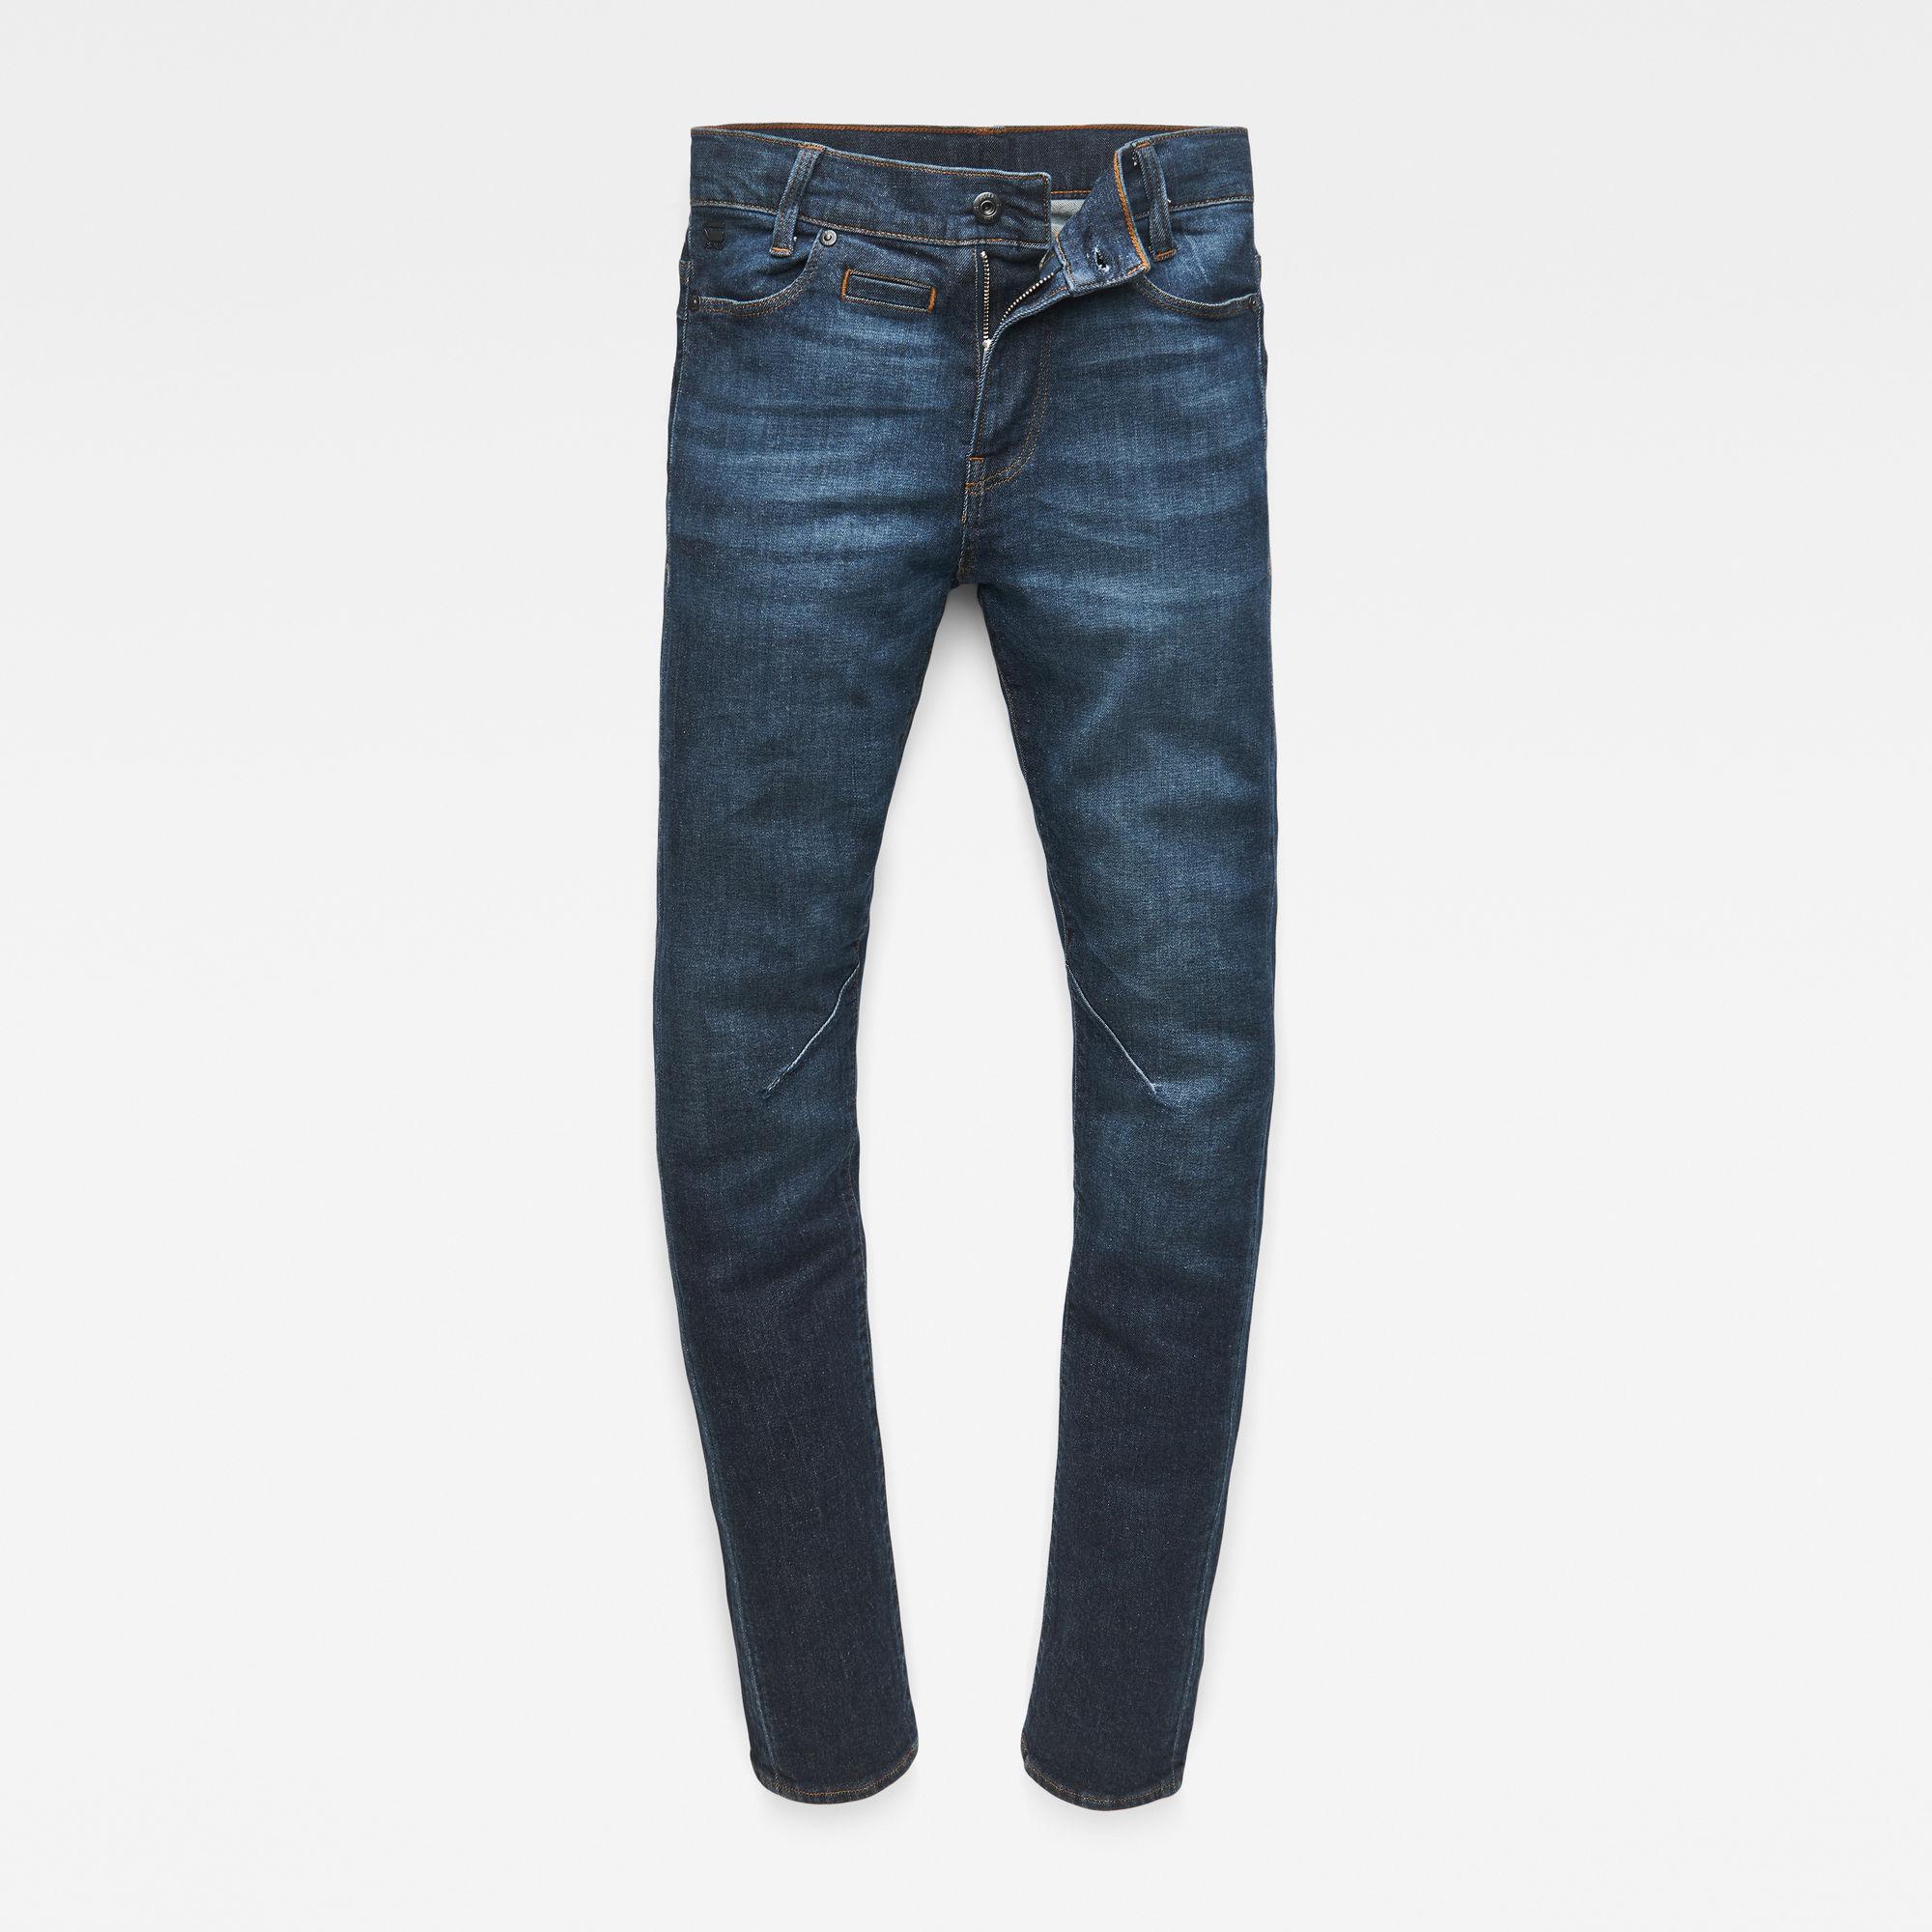 G-Star RAW Jongens D-Staq Skinny Jeans Donkerblauw